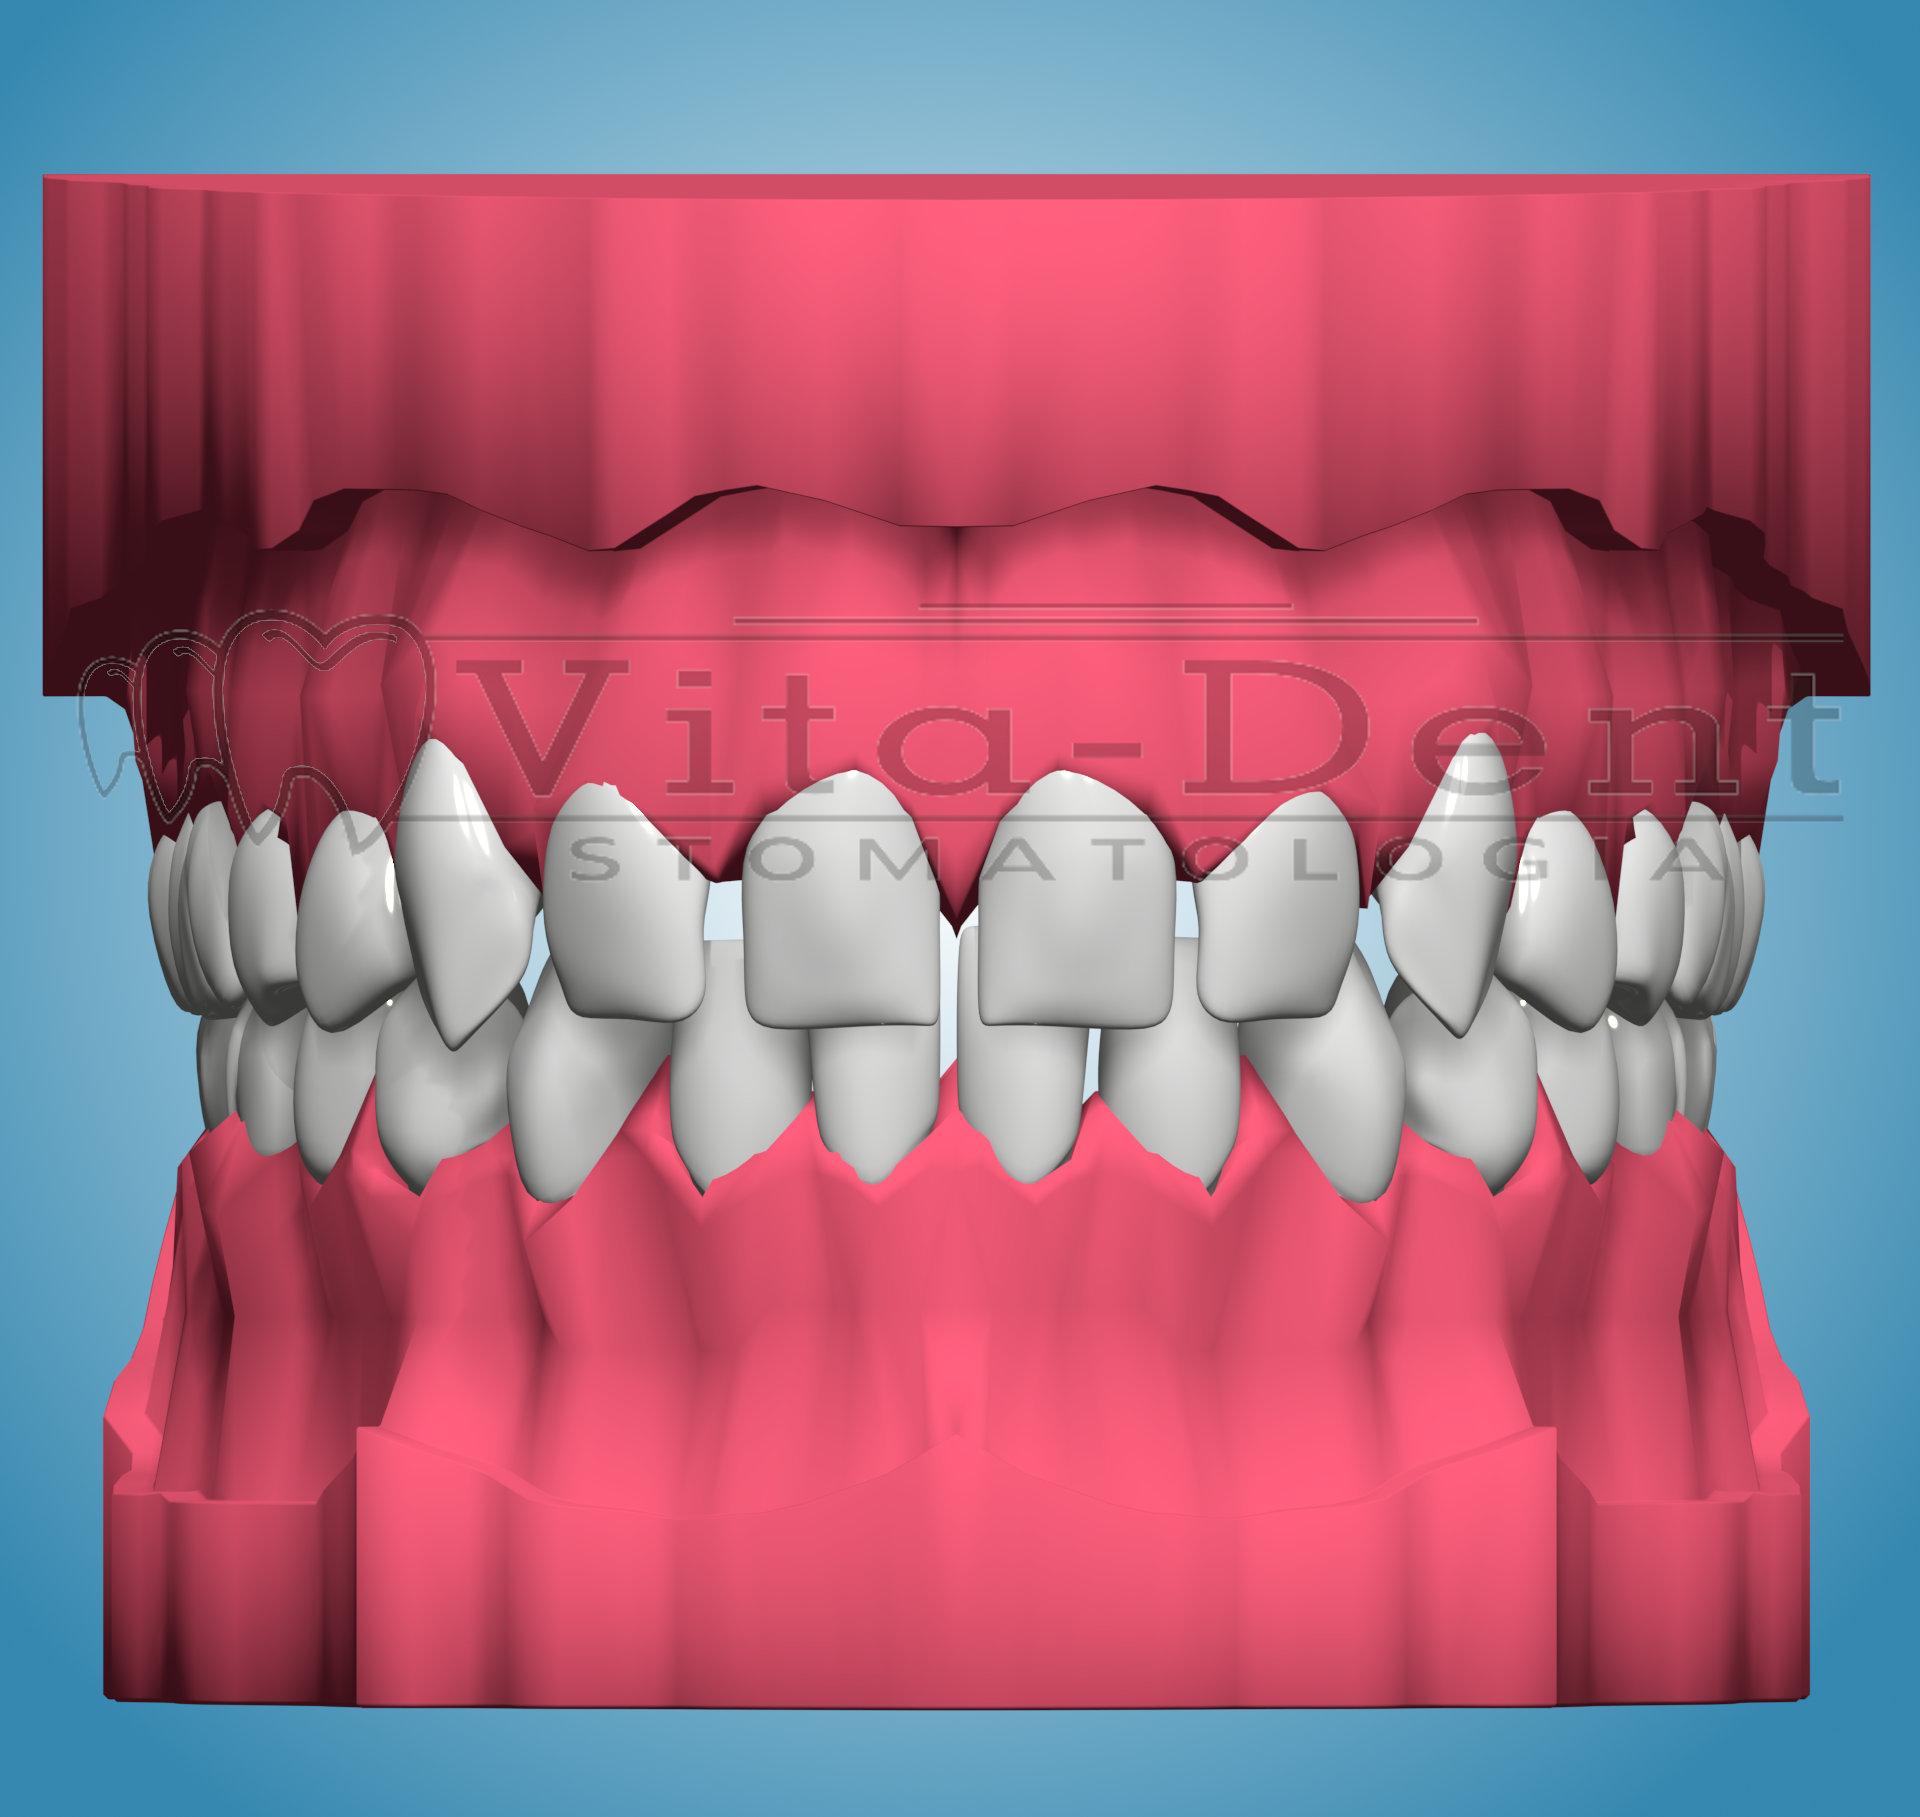 Leczenie ortodontyczne - szparowatość, przestrzenie między zębami